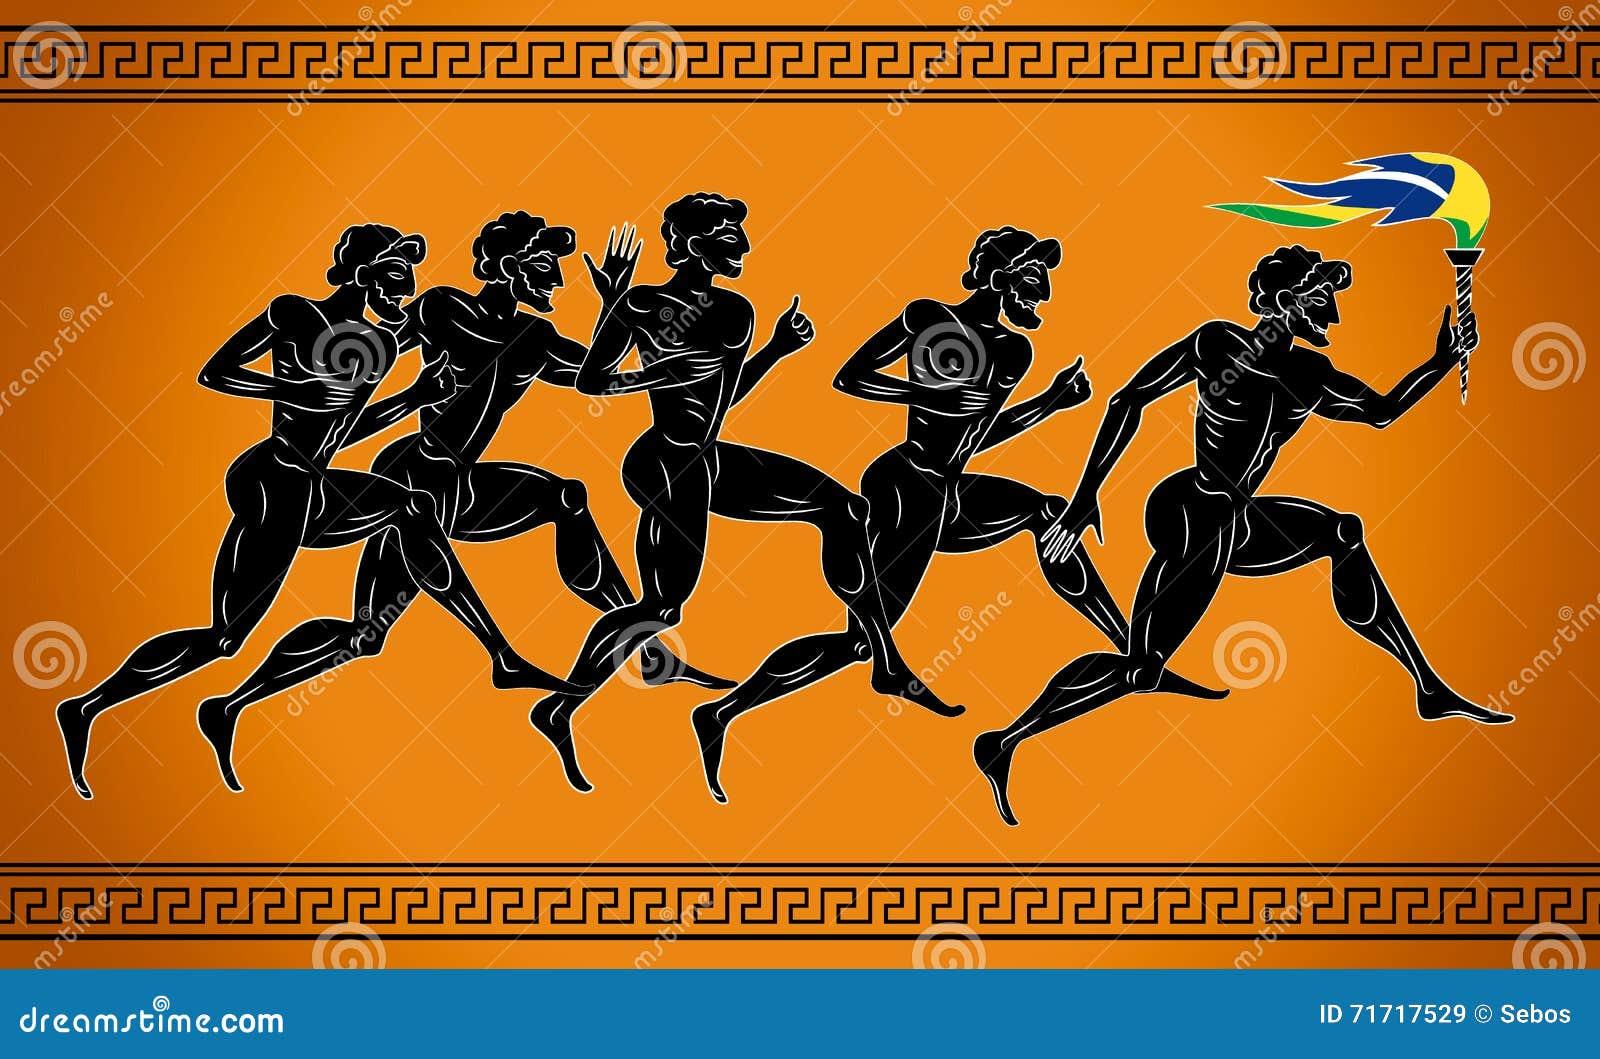 Corridori Nero-calcolati con la torcia nei colori della bandiera brasiliana Illustrazione nello stile del greco antico